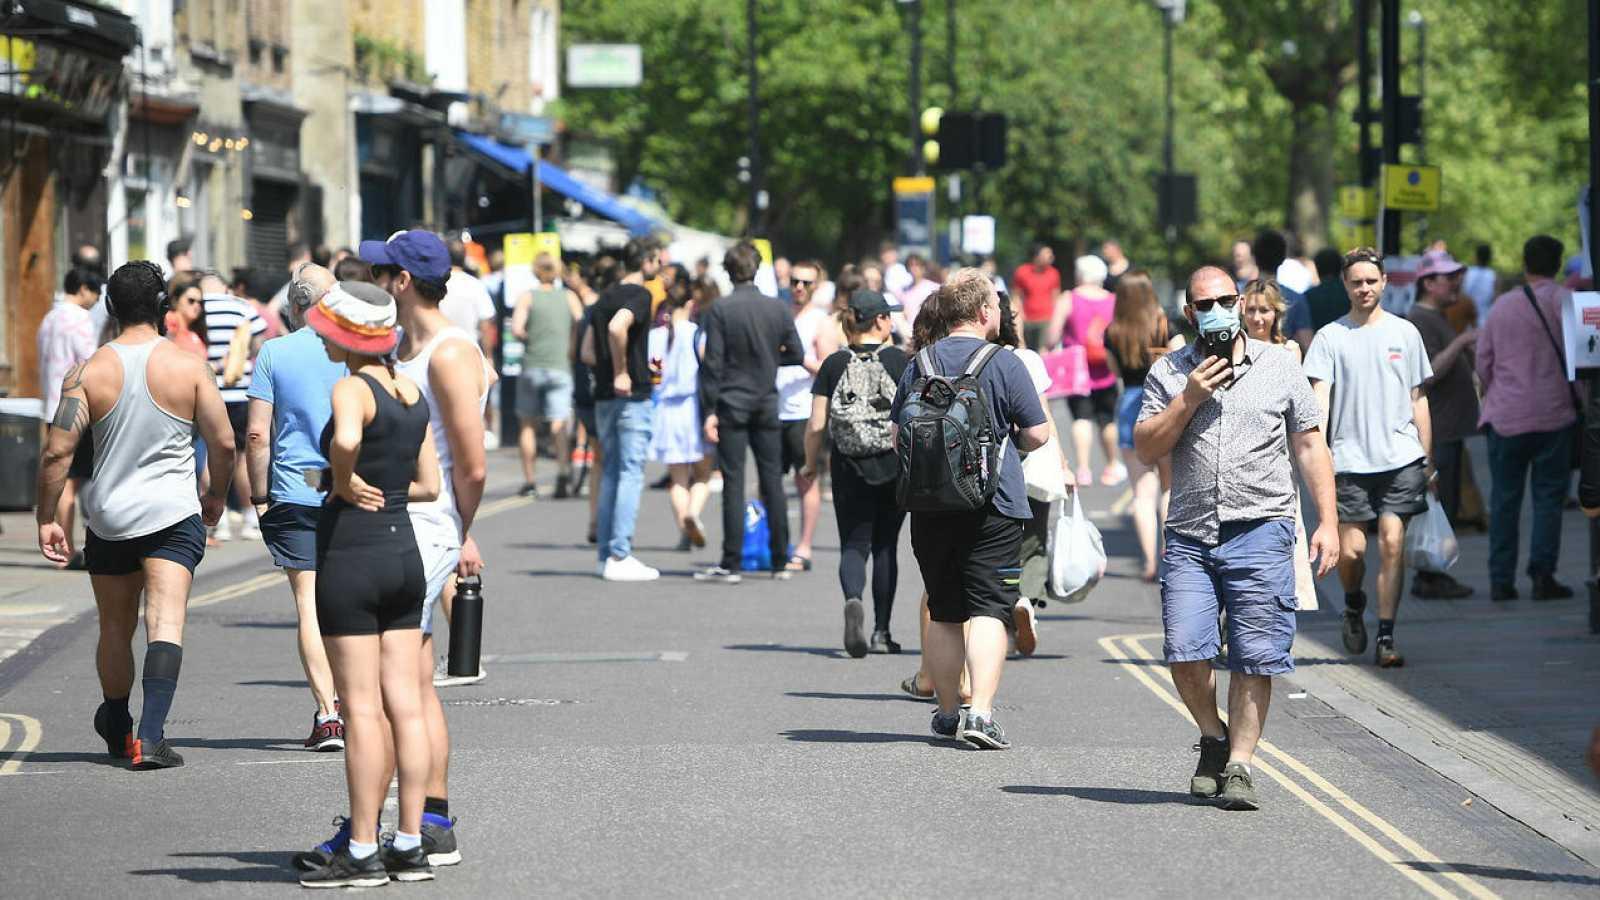 Ciudadanos caminan en el mercado de Broadway en el este de Londres, en Reino Unido, el primer día de alivio de las medidas de co